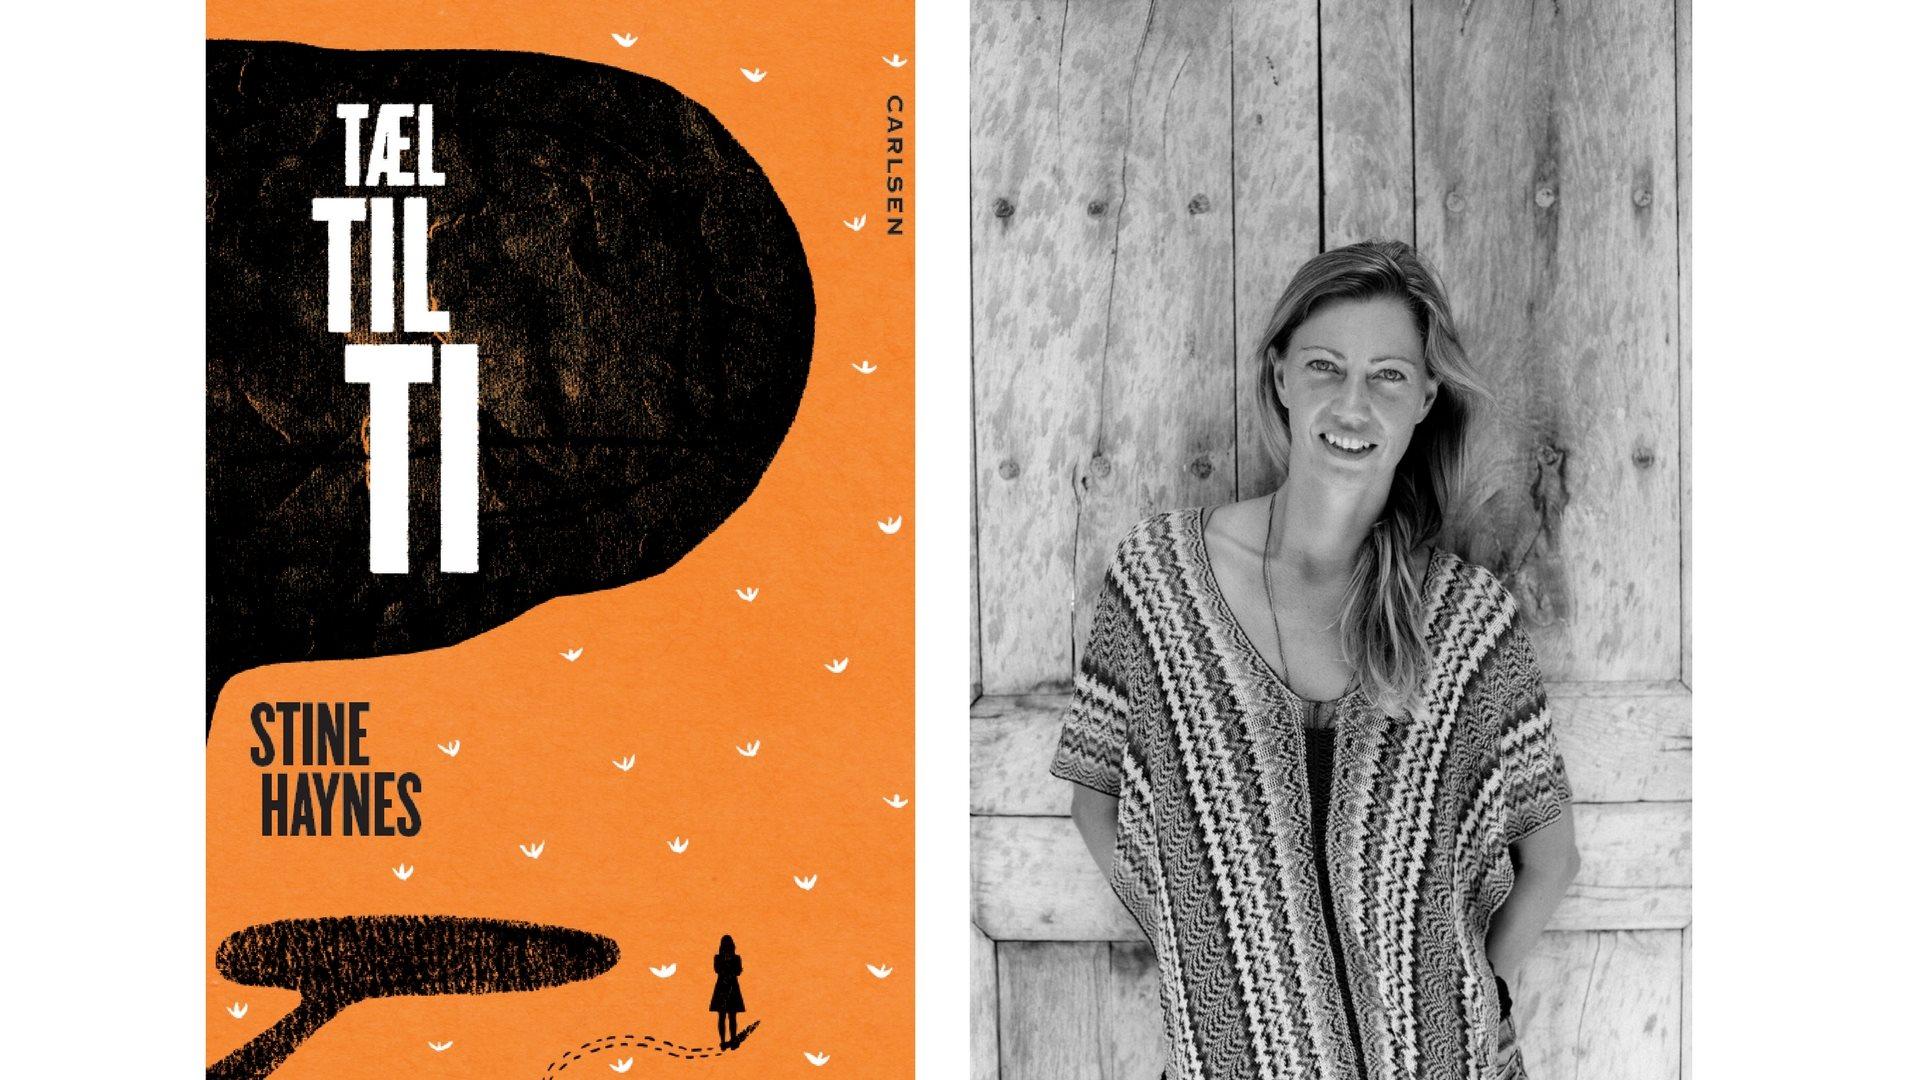 Stine Haynes, Tæl til ti, børneboger, bøger til twees